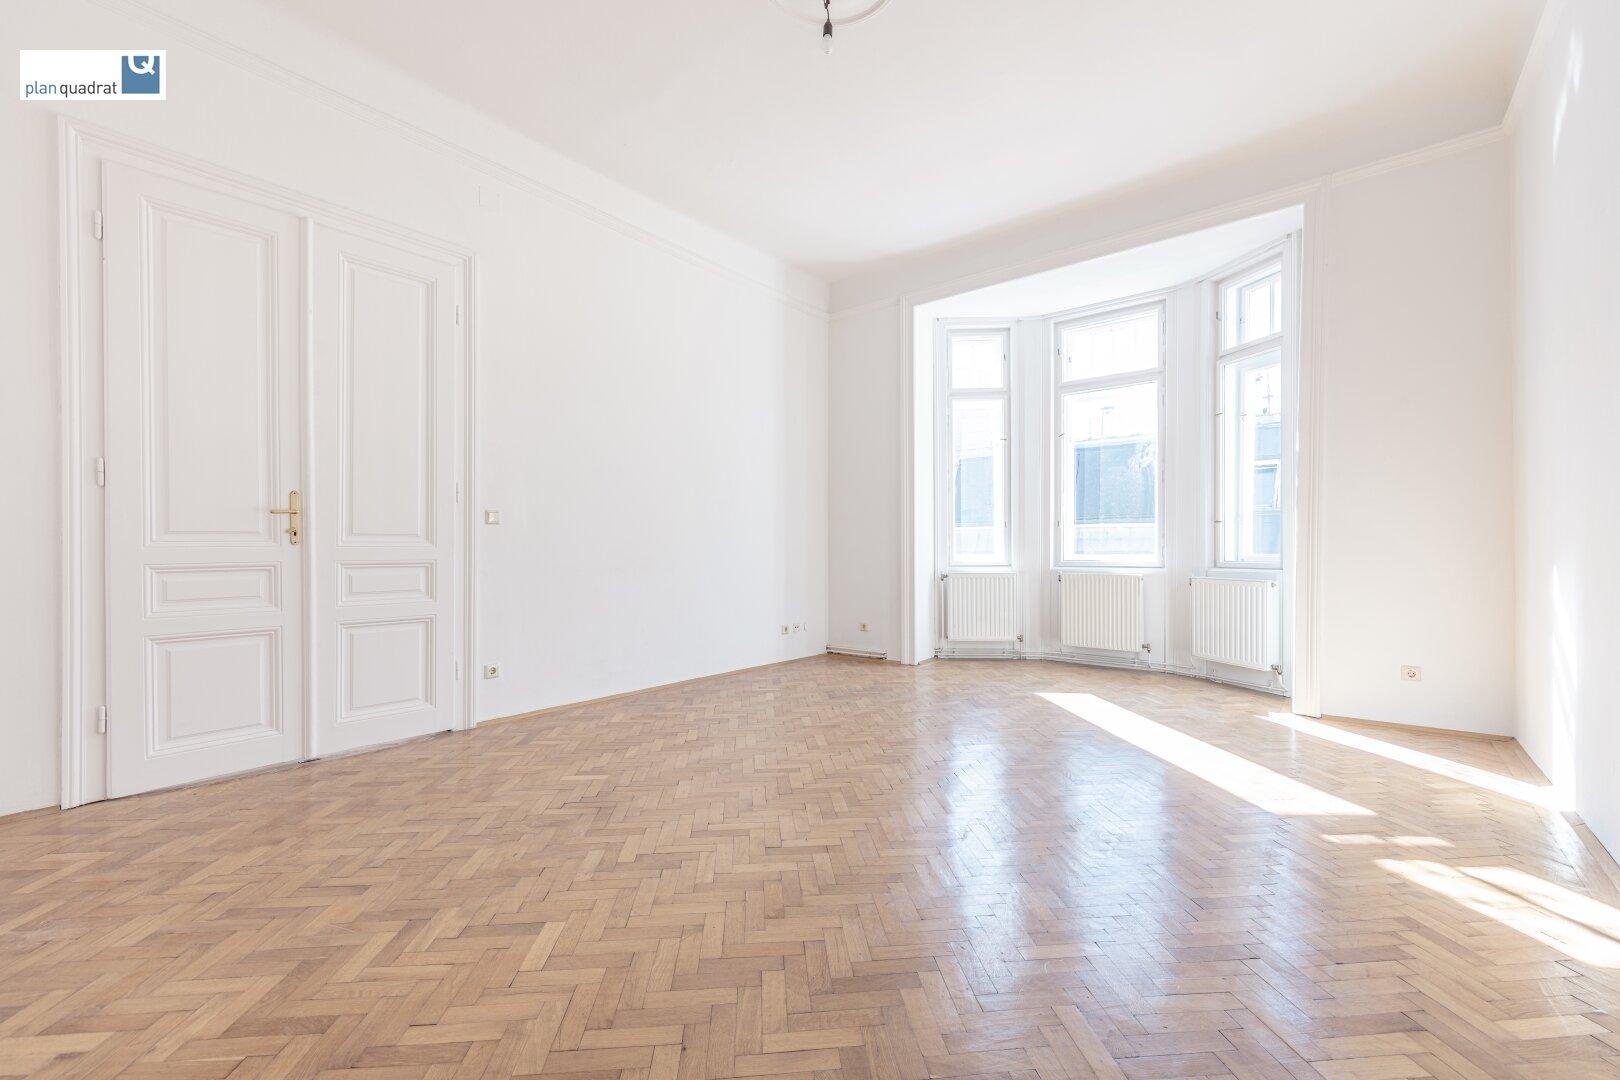 Zimmer 1 (gem. Wohnungsgrundriss)